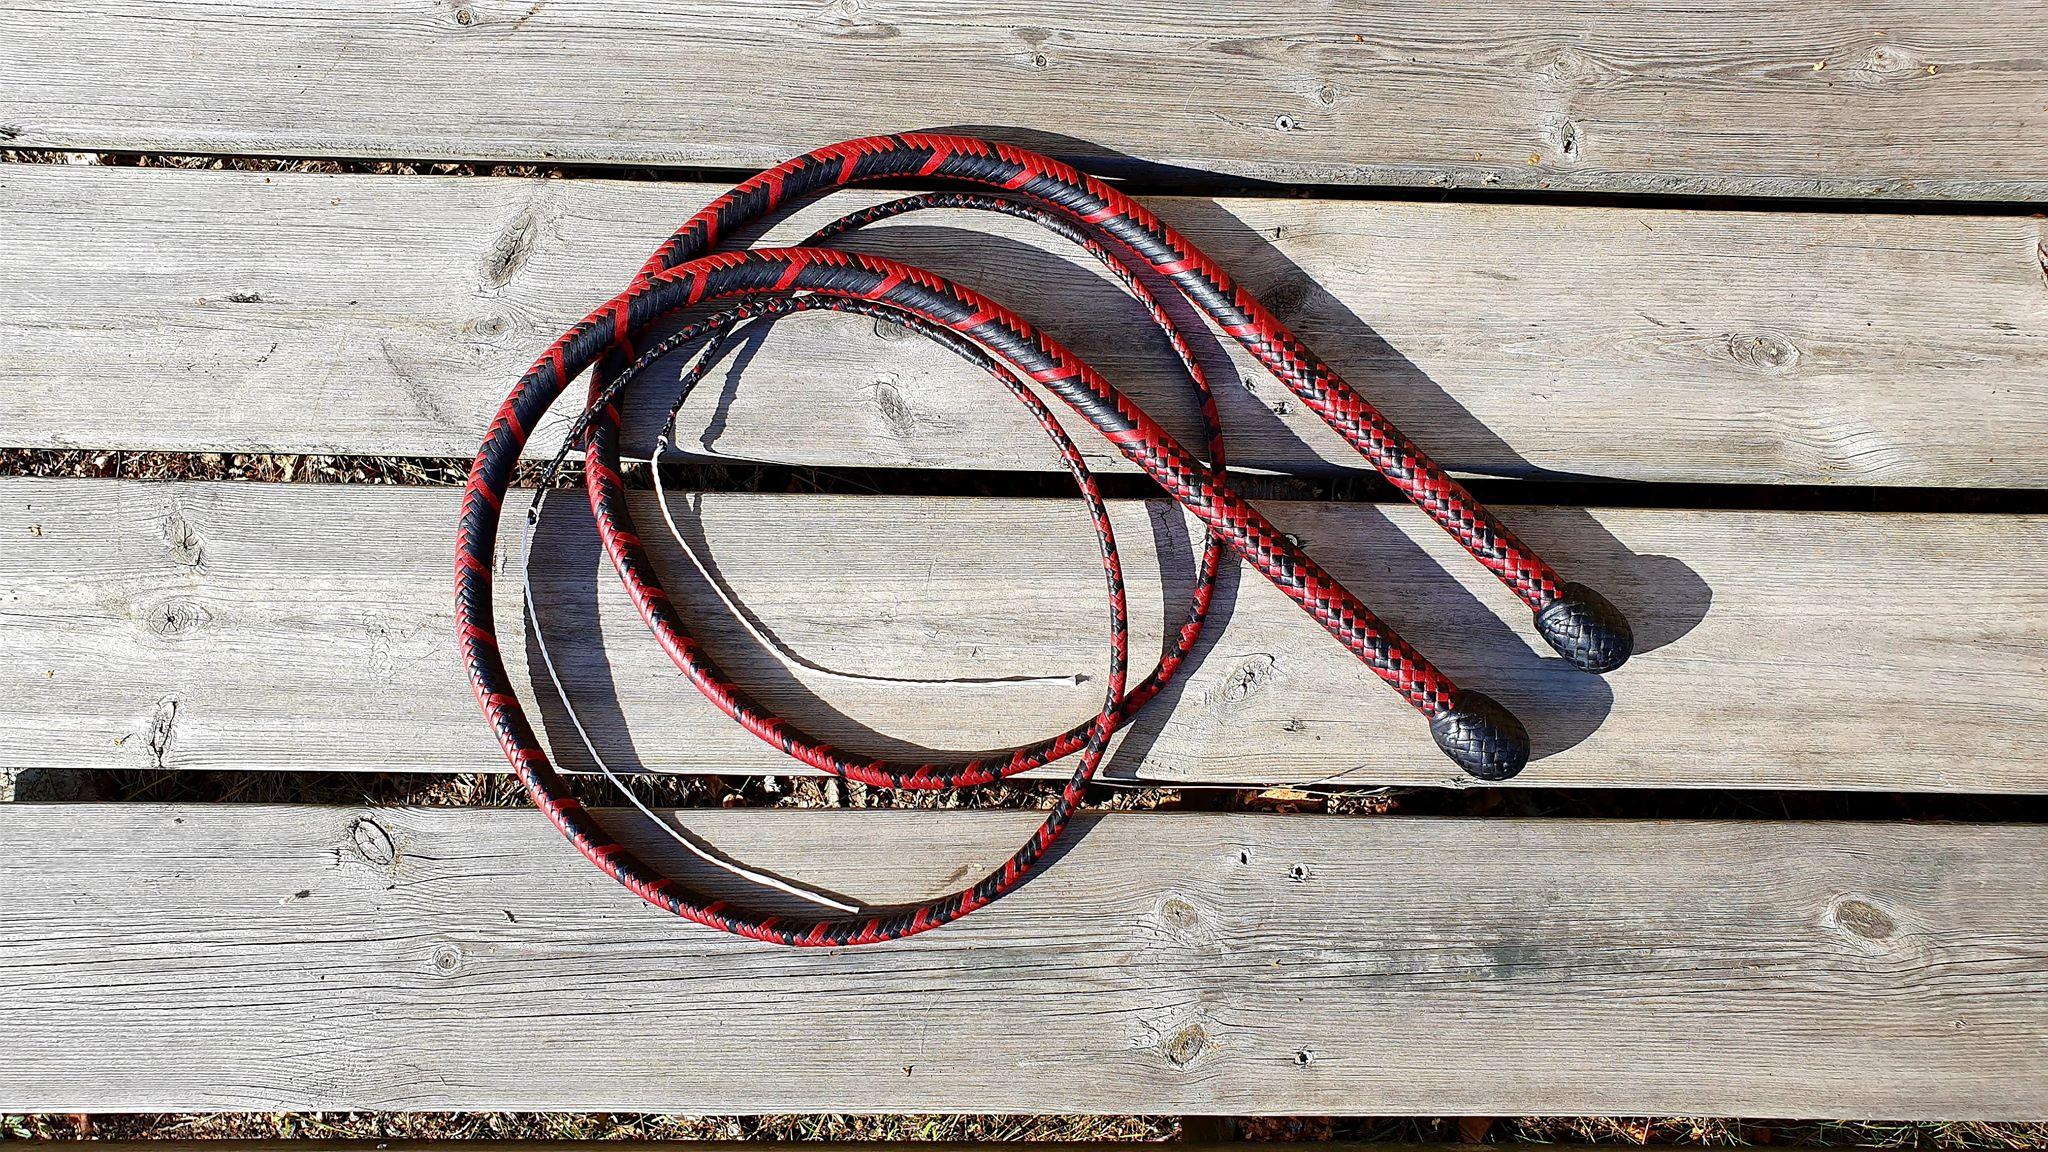 Red black whip